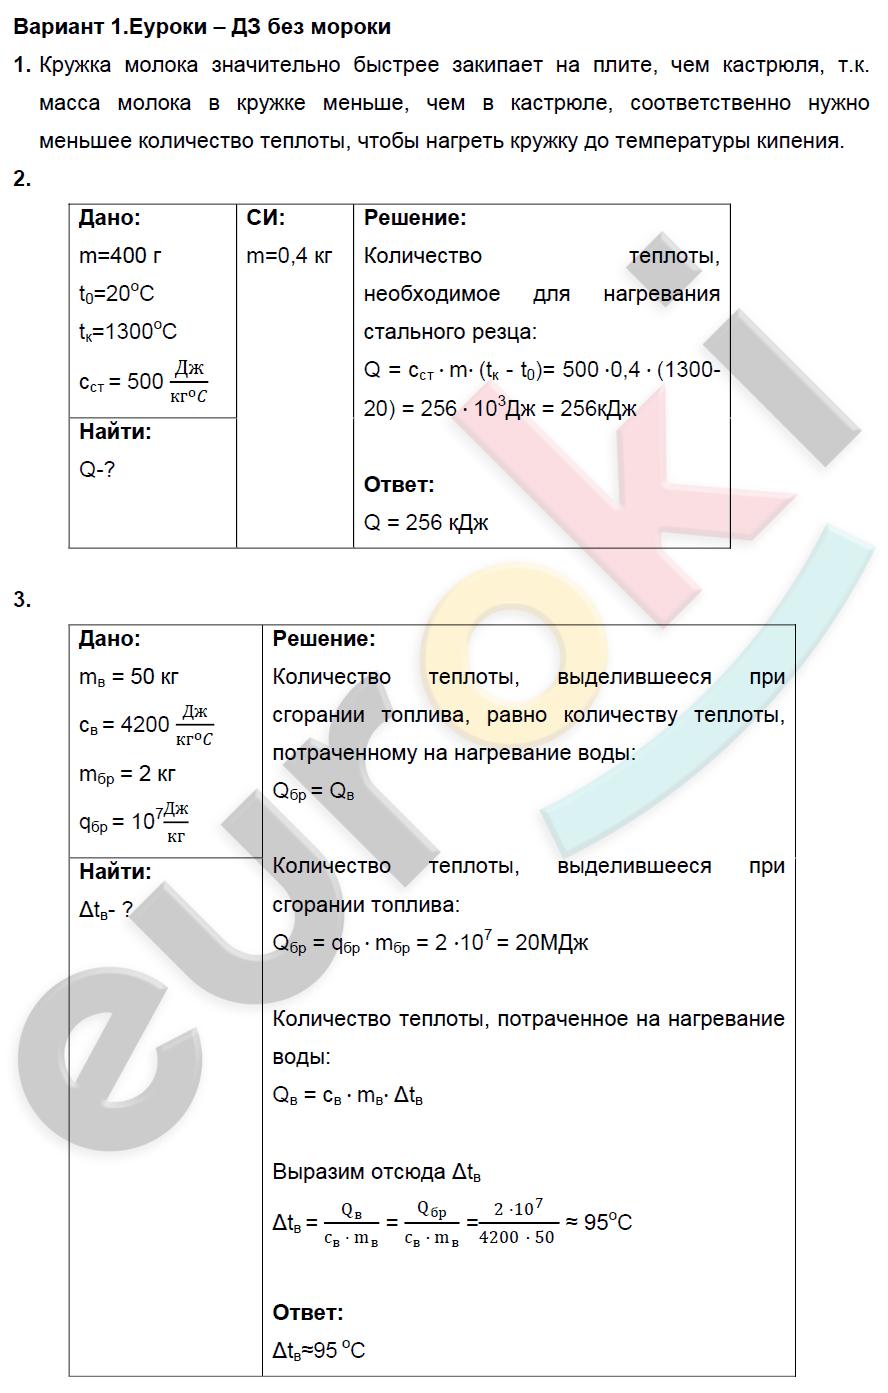 ГДЗ по физике 8 класс дидактические материалы Марон, Перышкин Самостоятельные работы, СР-3. Количество теплоты. Энергия топлива. Задание: Вариант 1